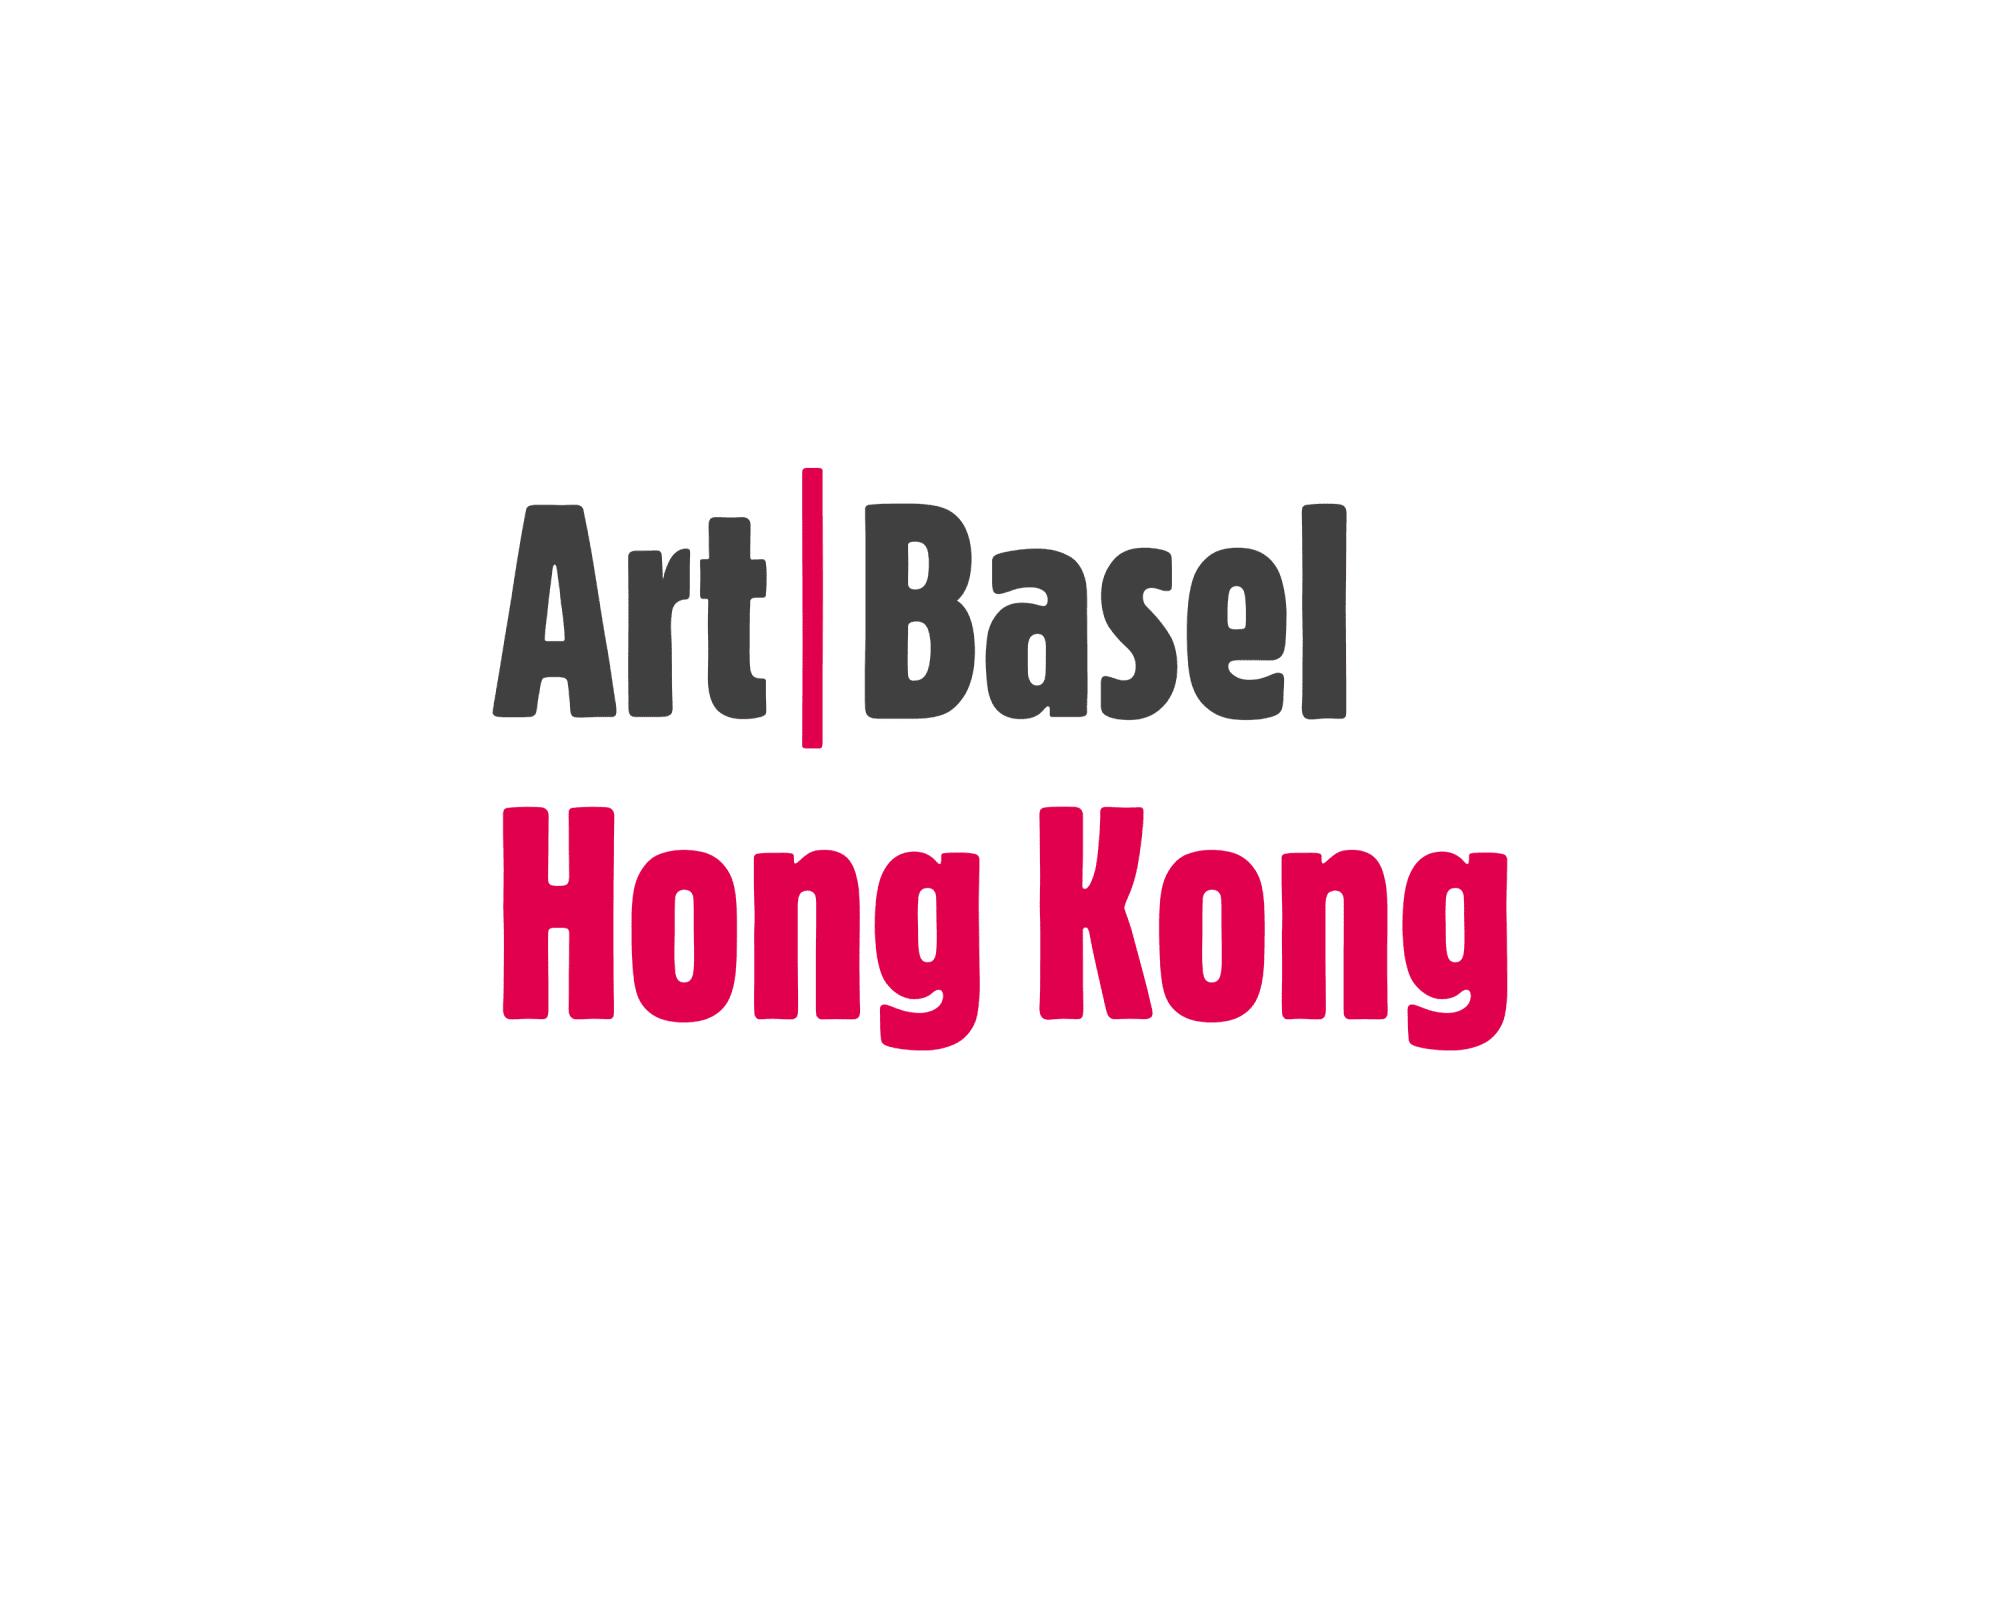 ART BASEL HONG KONG 2020 香港巴塞尔艺术展 2020.03.18- 2020.03.25